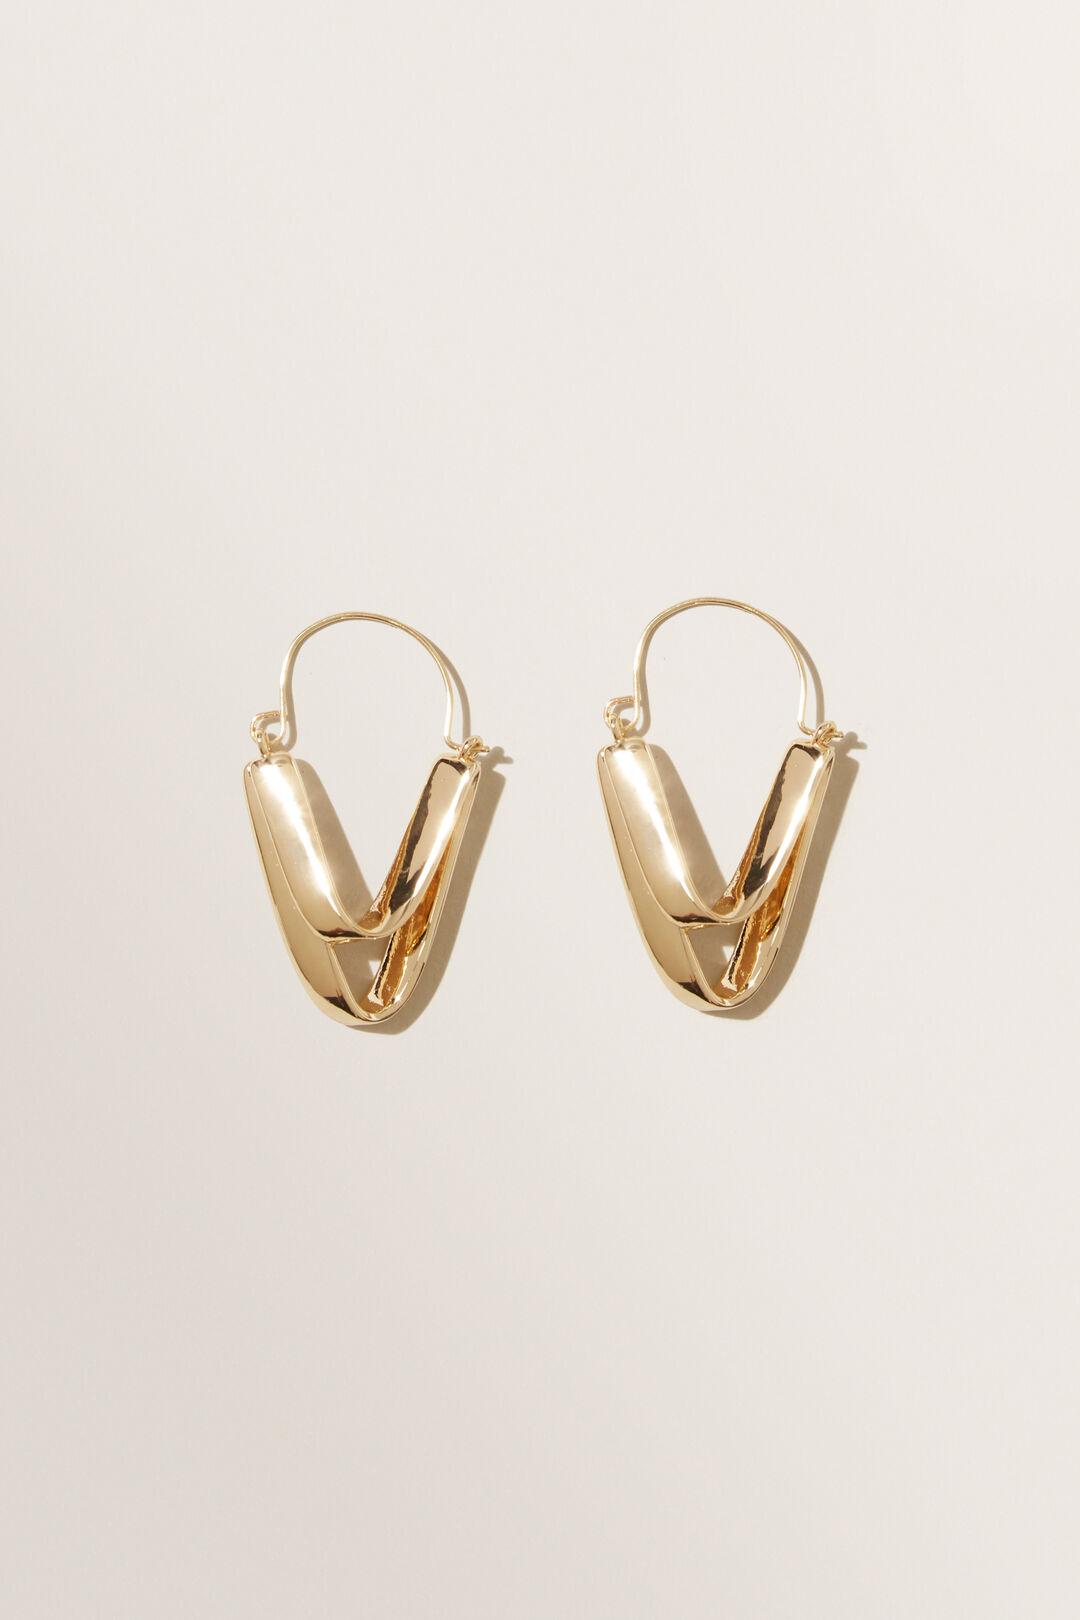 V Pendant Earrings  GOLD  hi-res